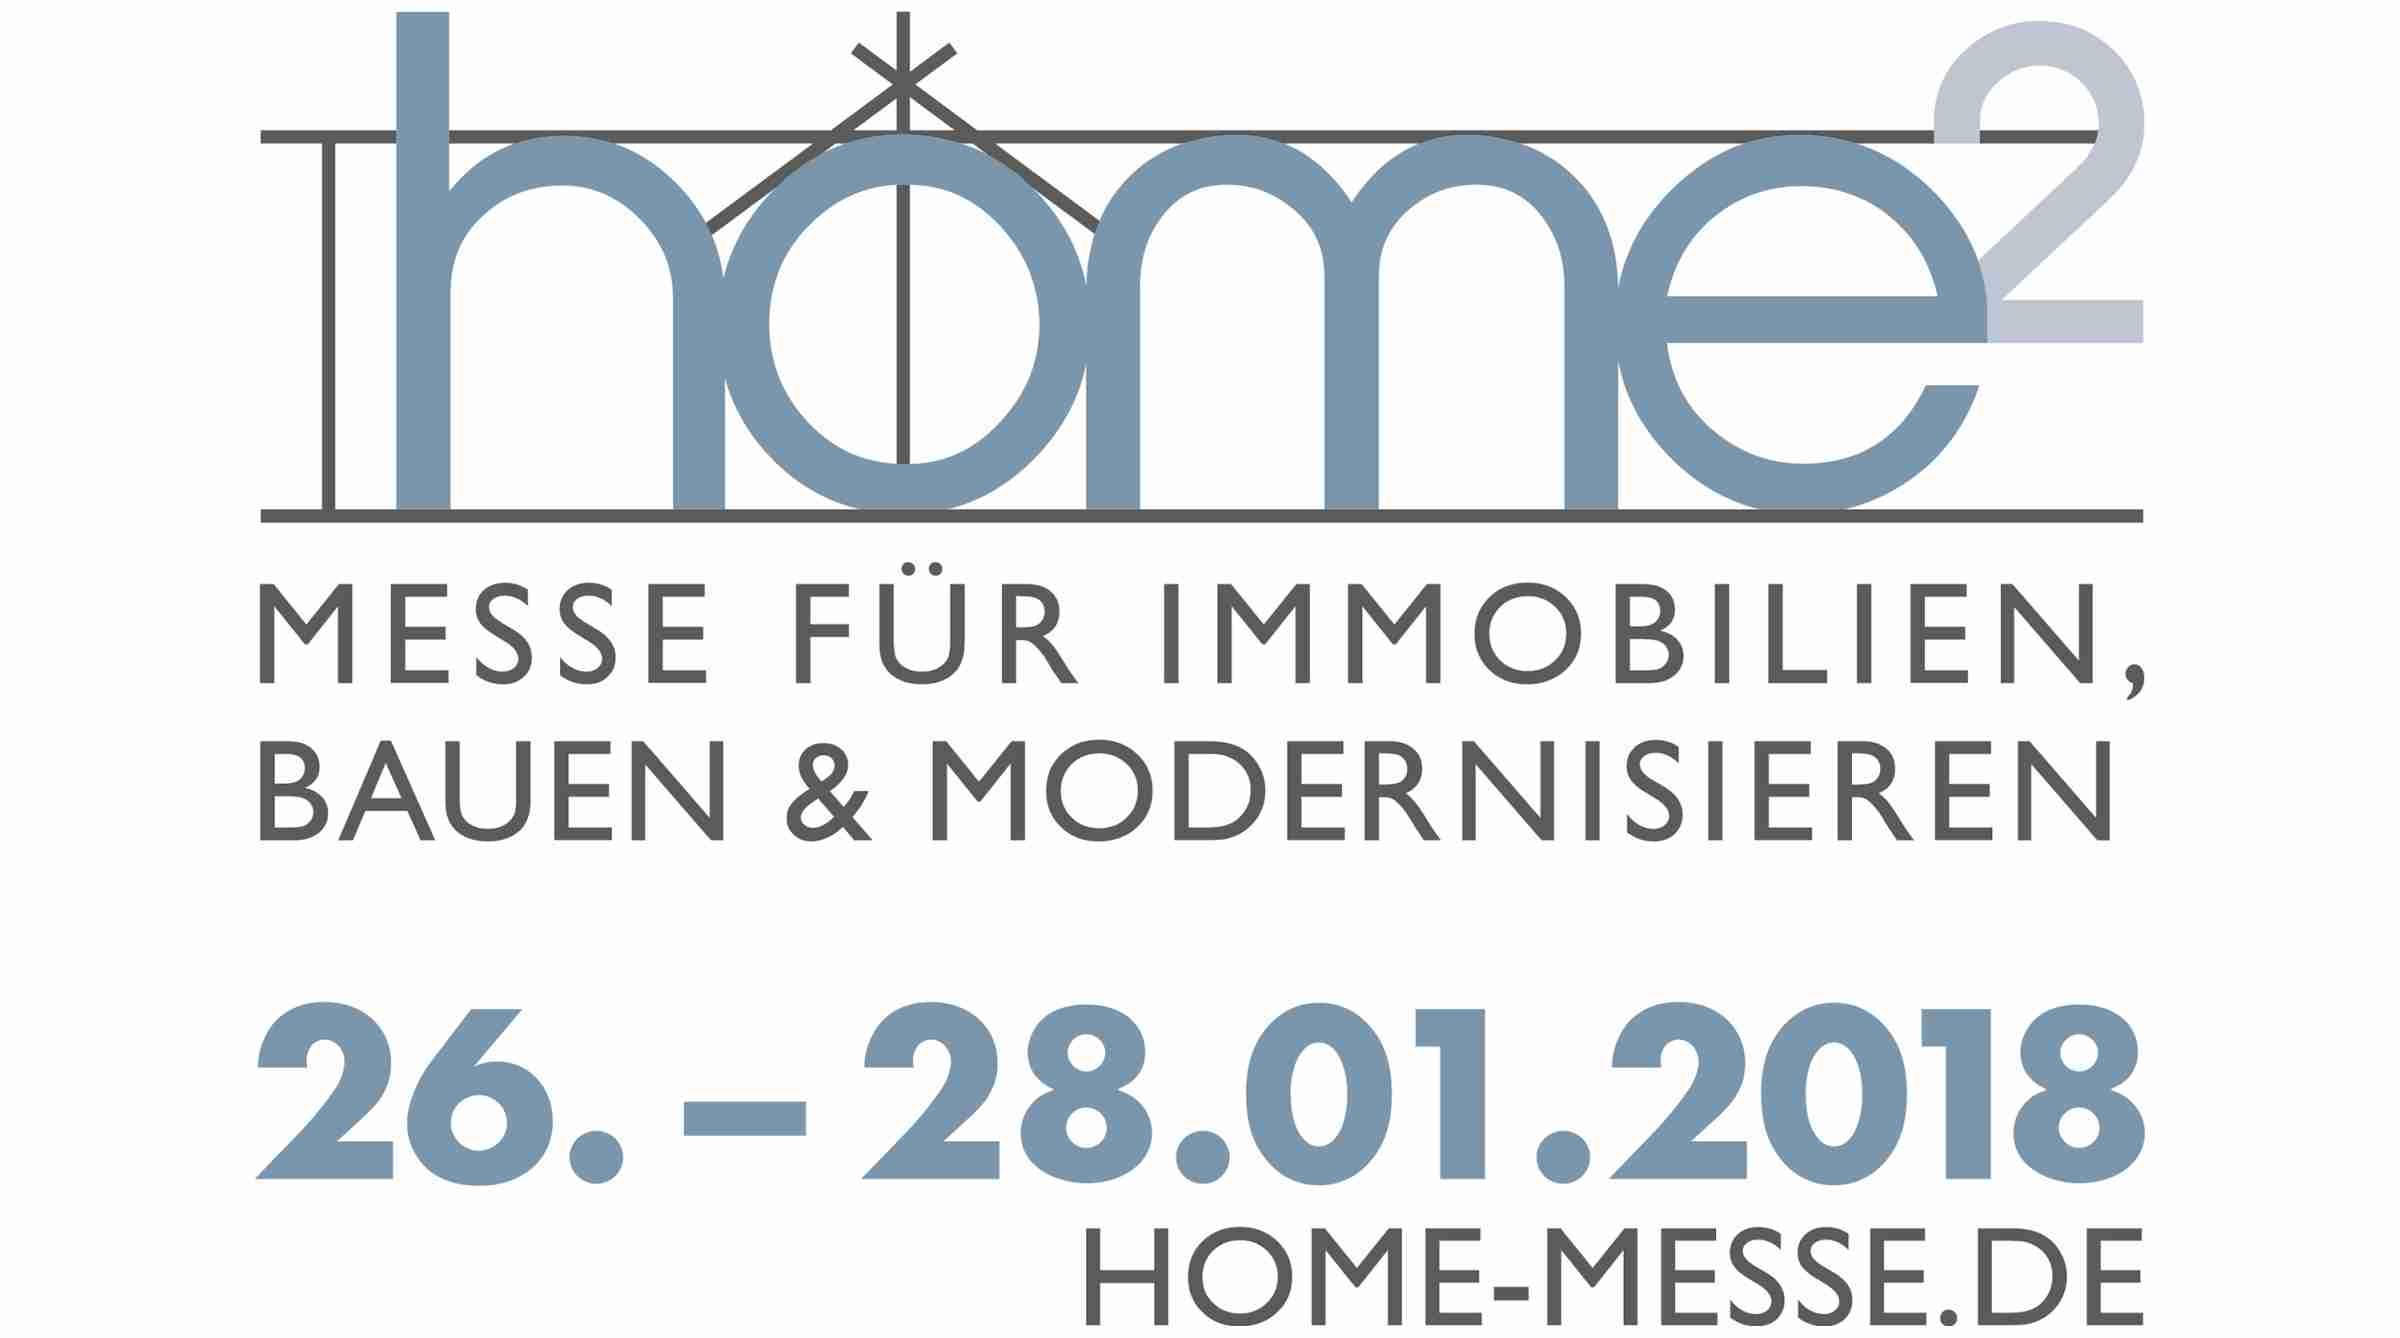 Home-Messe Home